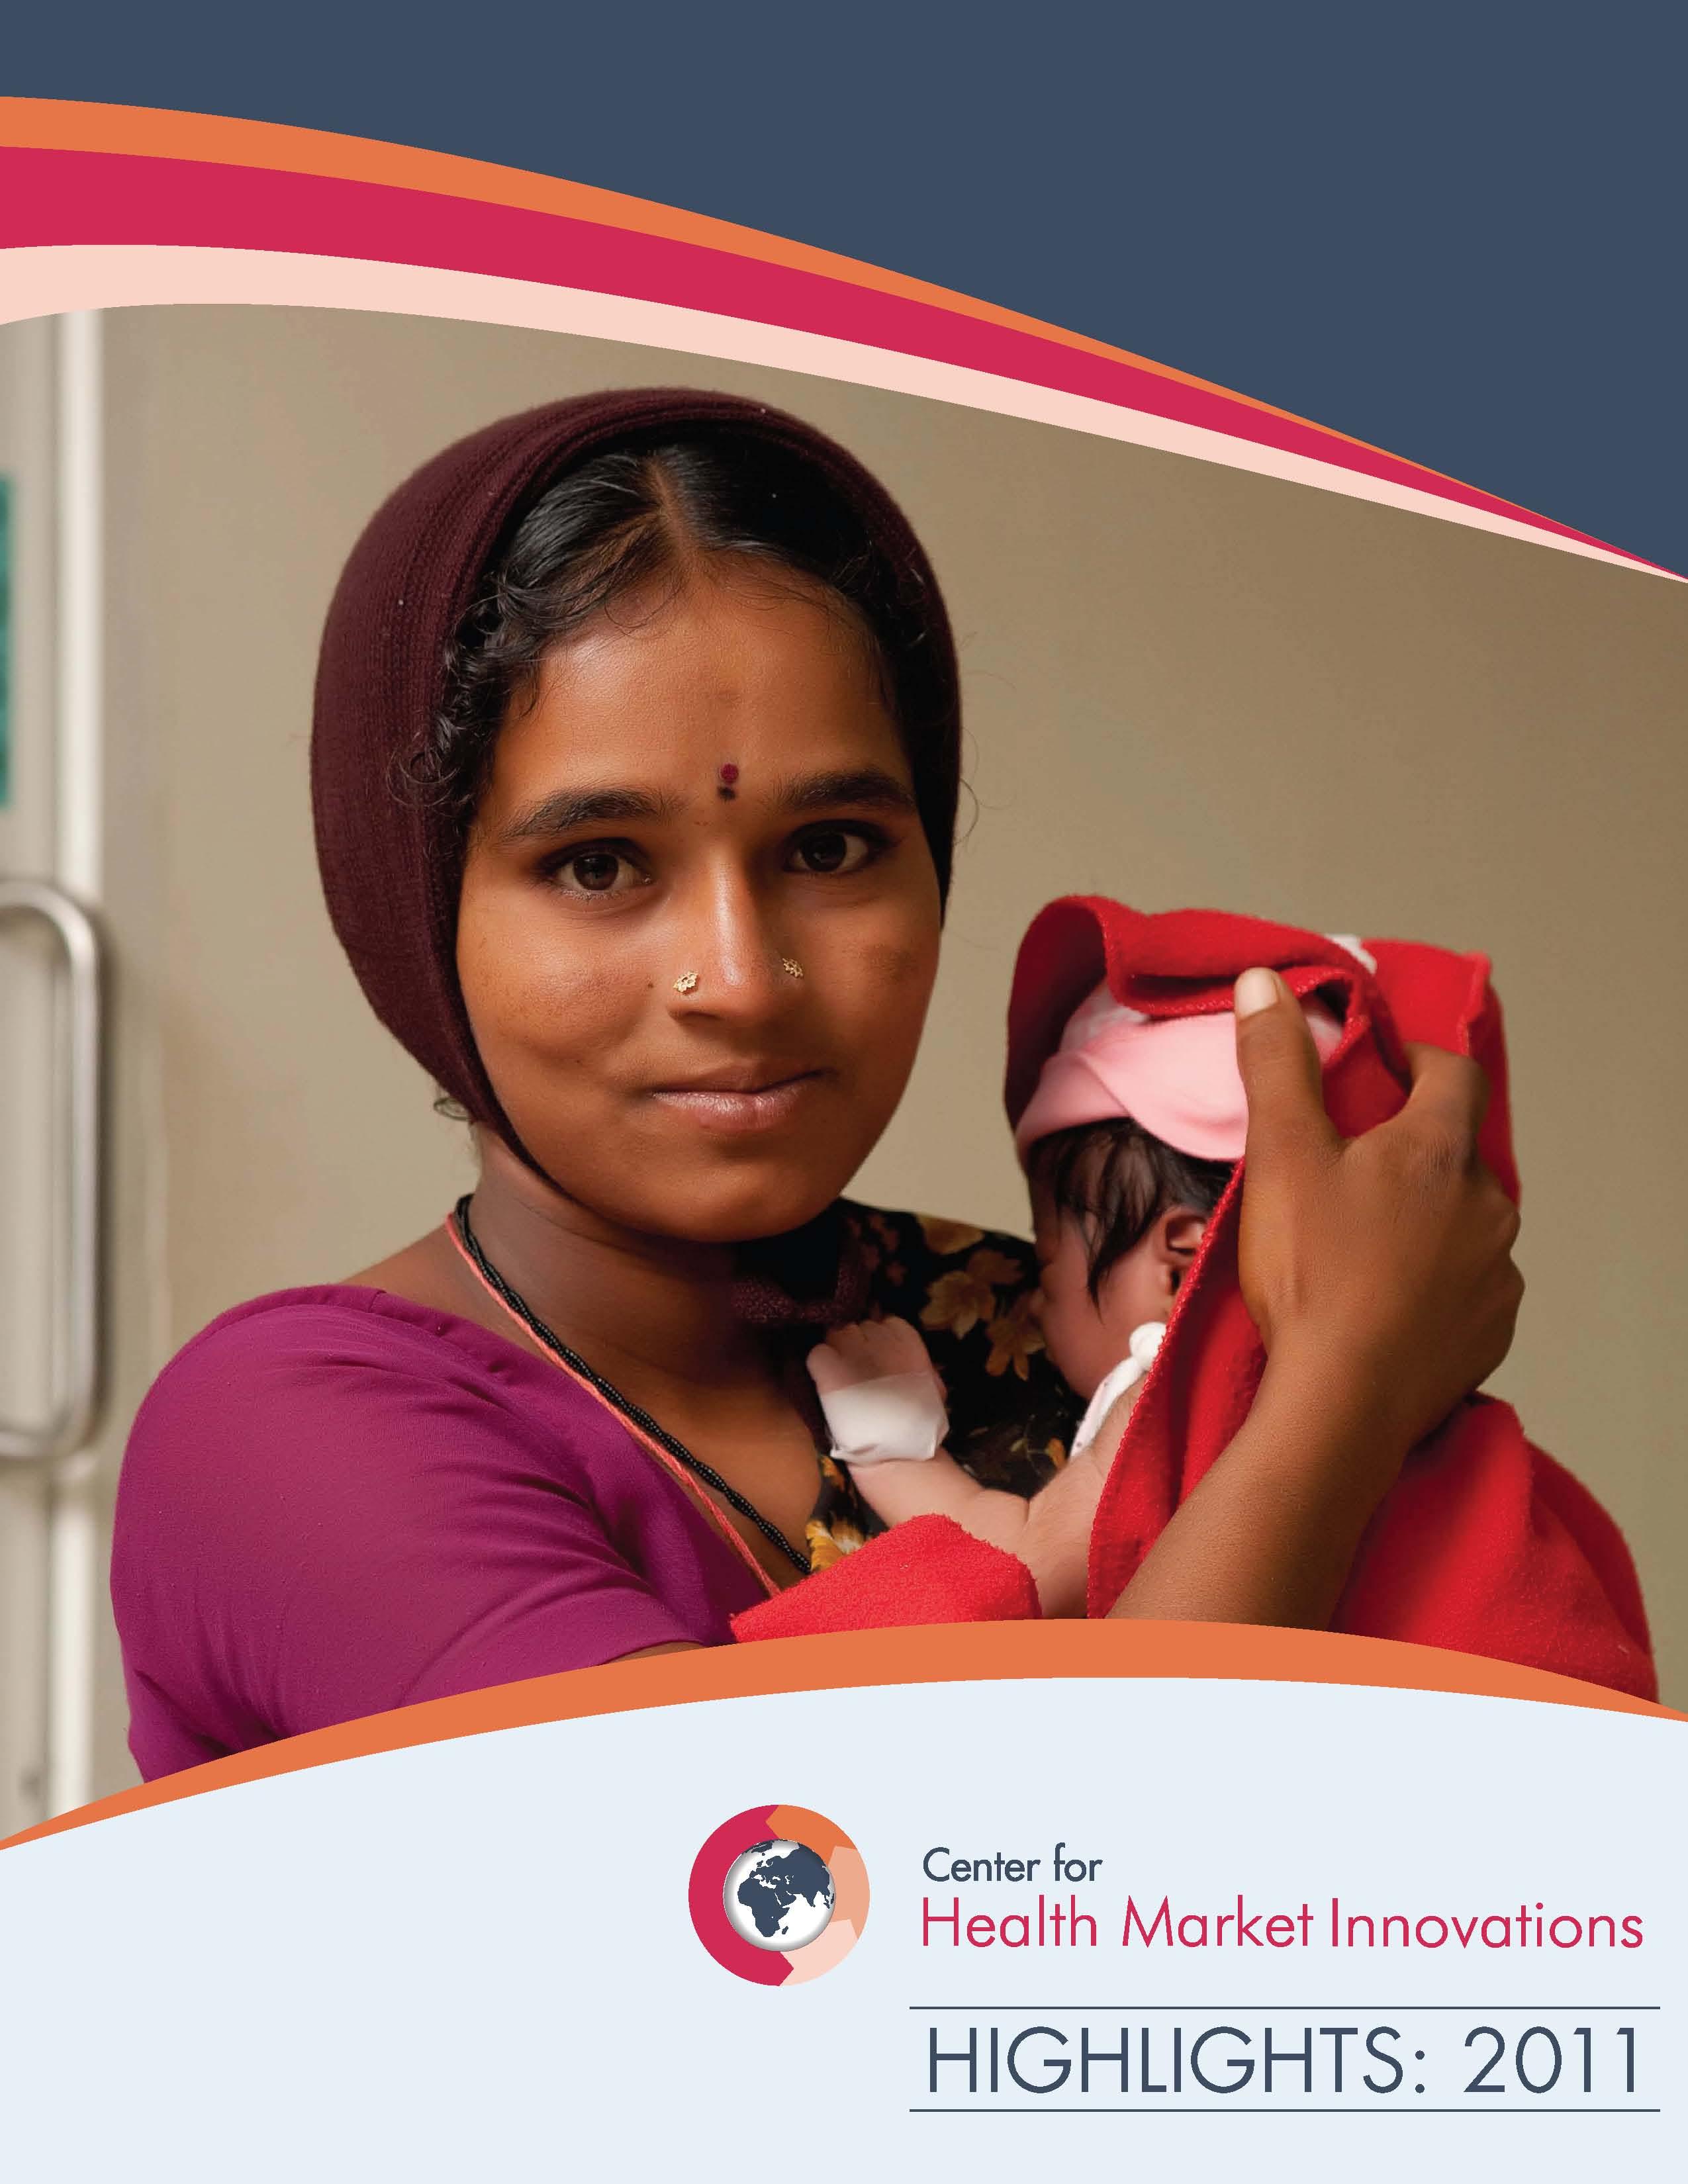 Báo cáo sáng kiến y tế định hướng thị trường trên thế giới năm 2011